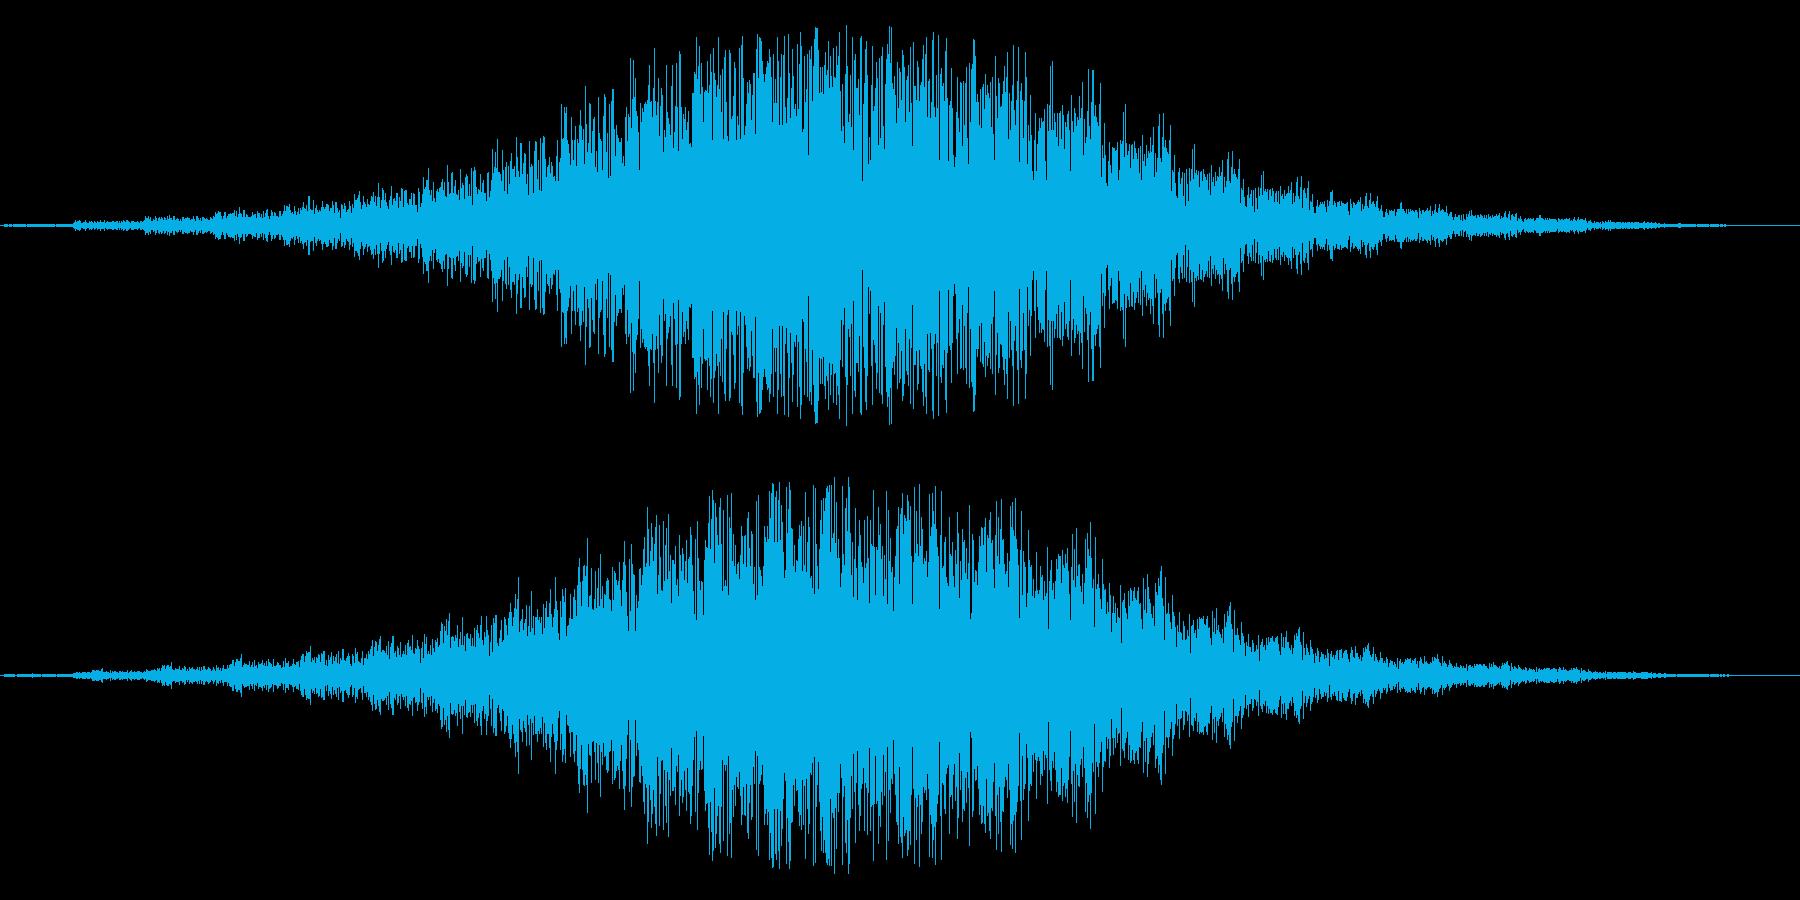 魔法のかかるような効果音の再生済みの波形